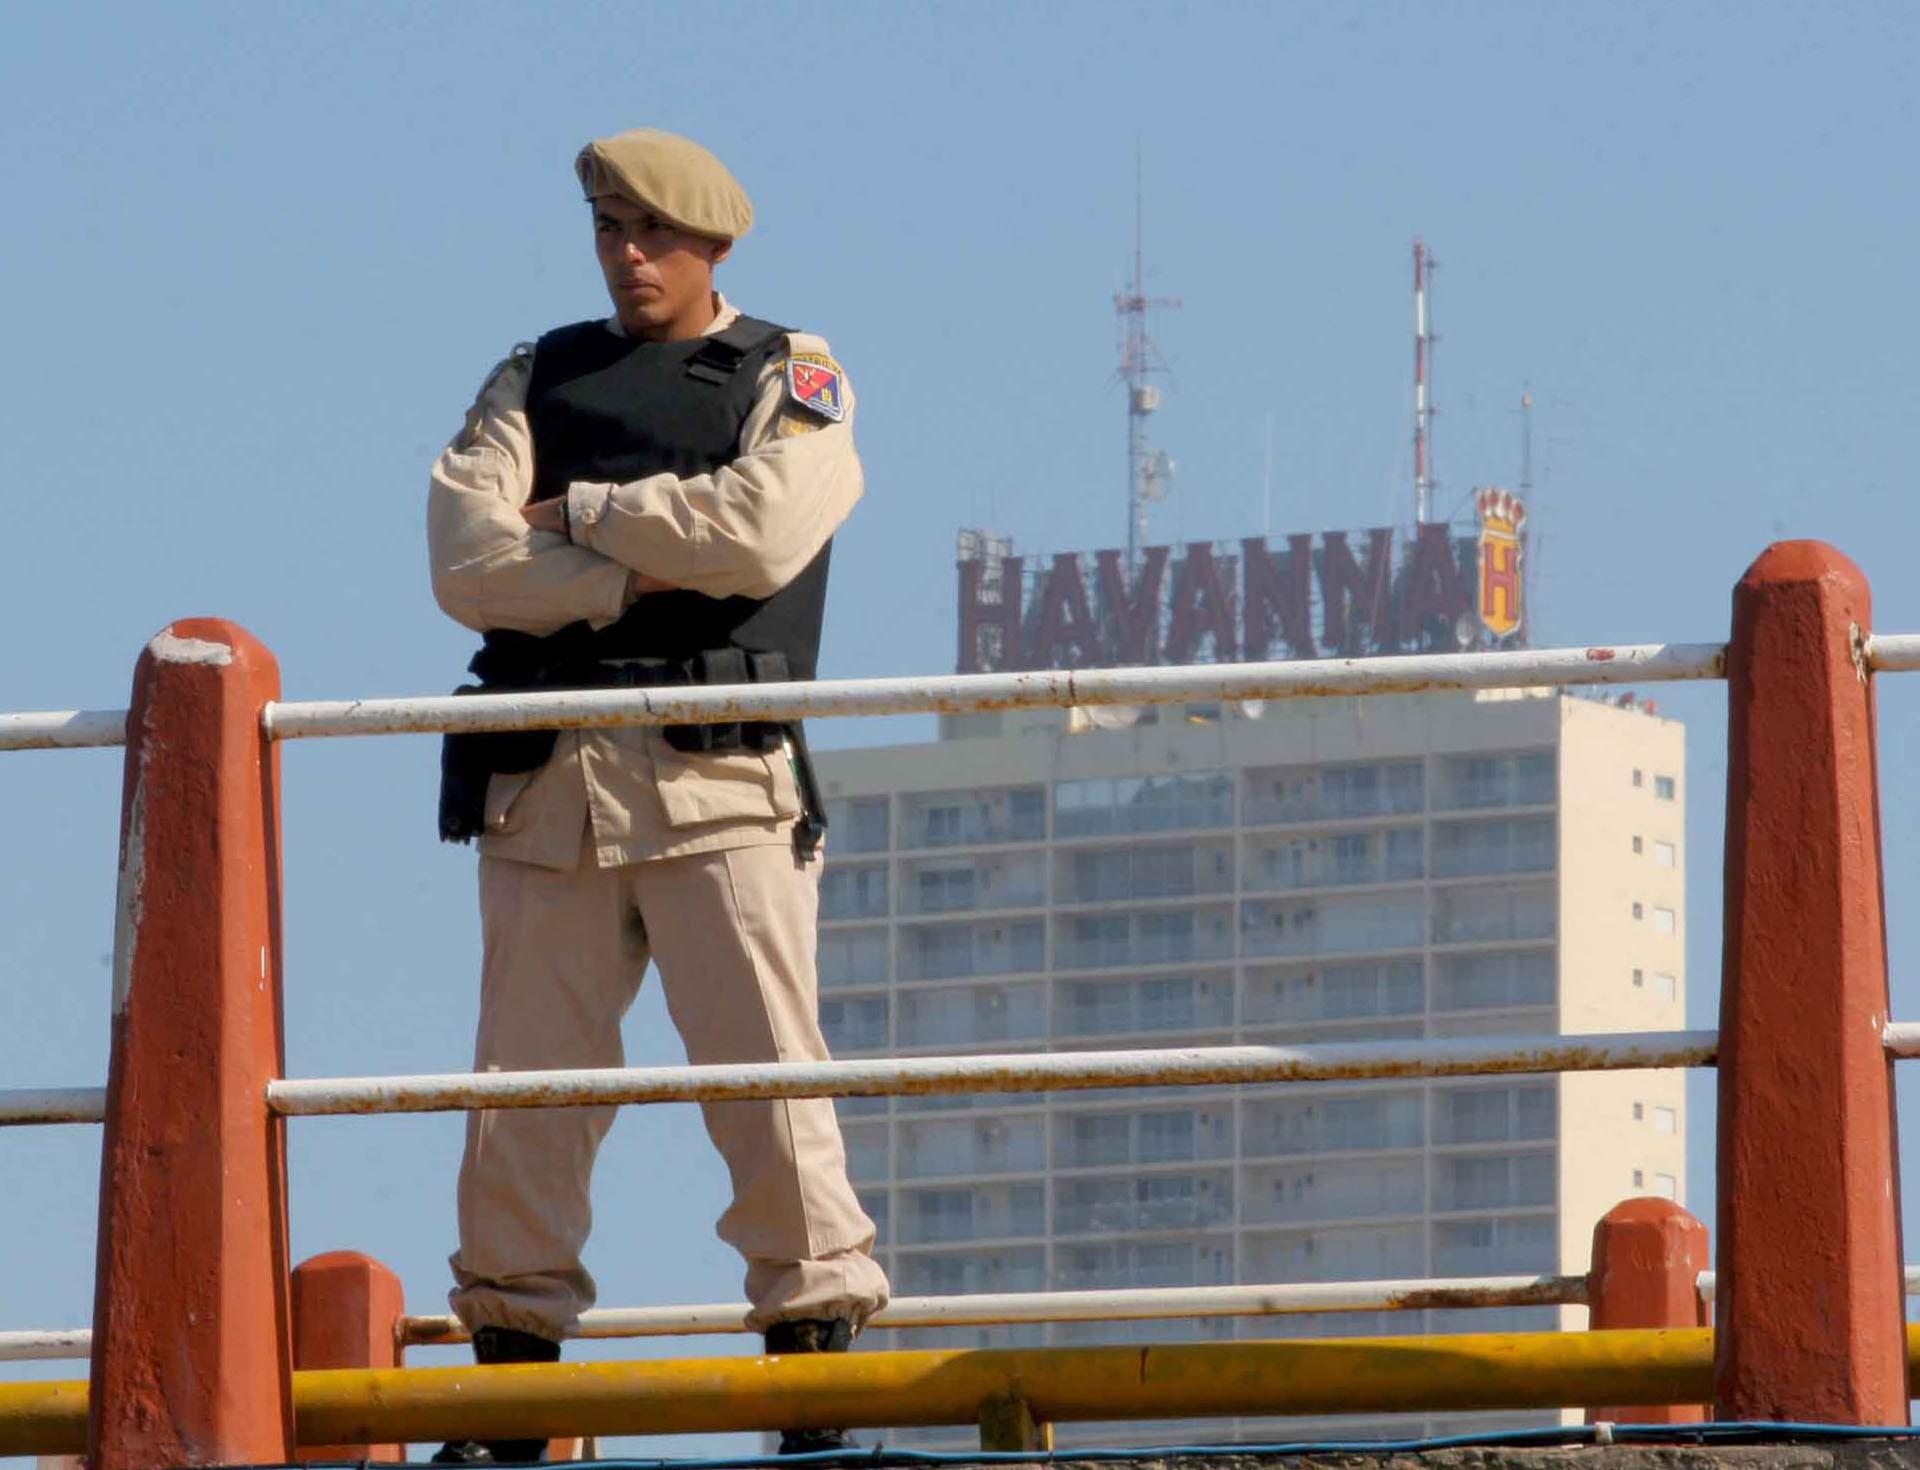 El Personal de Prefectura fue desplegado por una amplia zona del centro de la ciudad balnearia y los alrededores